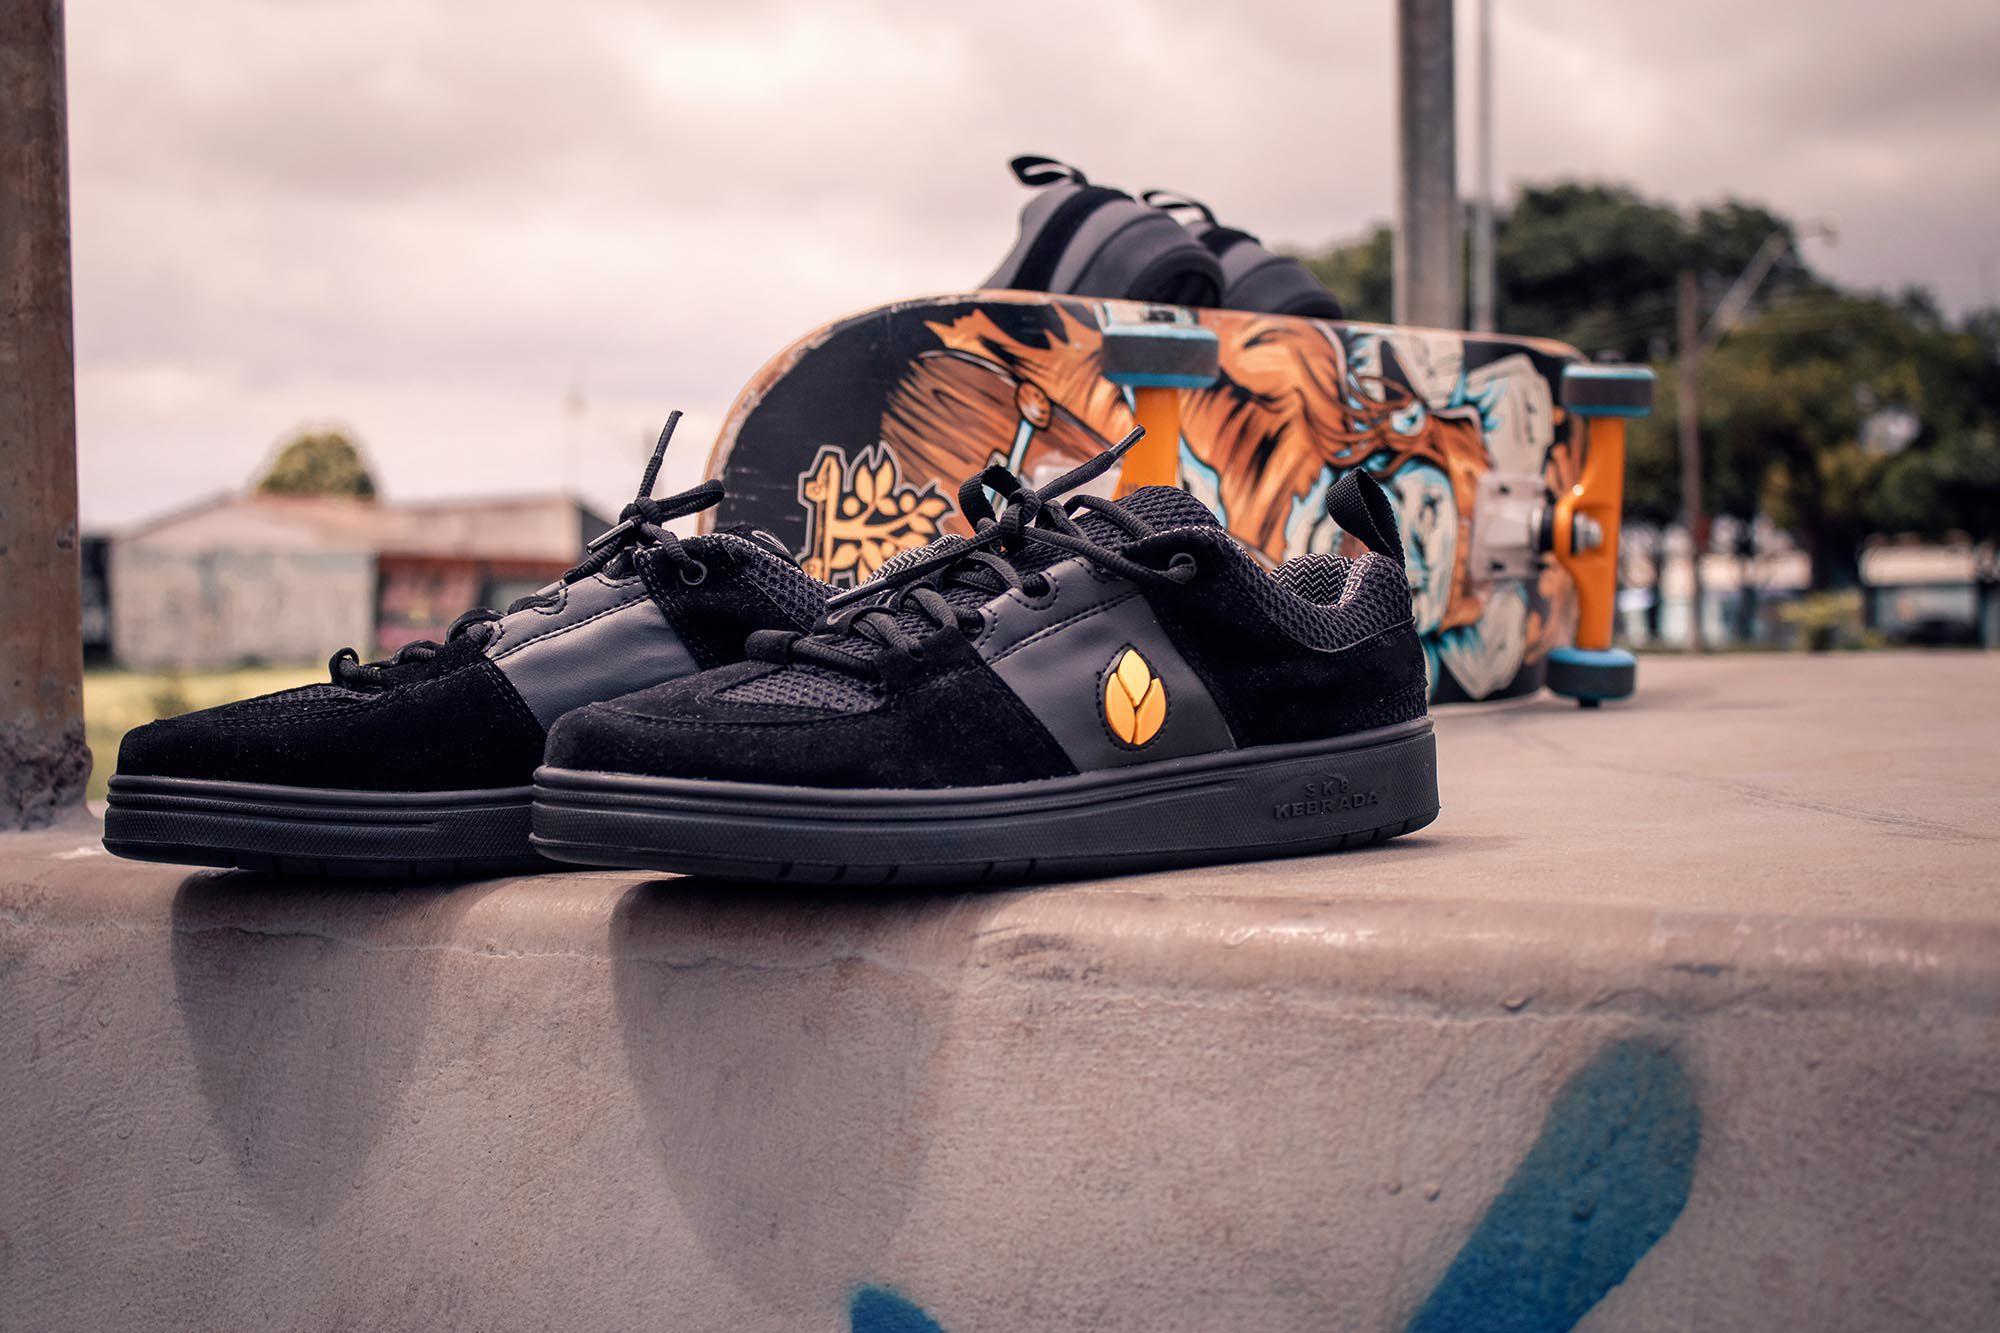 Tênis Vegano Shoes SK8 Kebrada - Preto com Amarelo